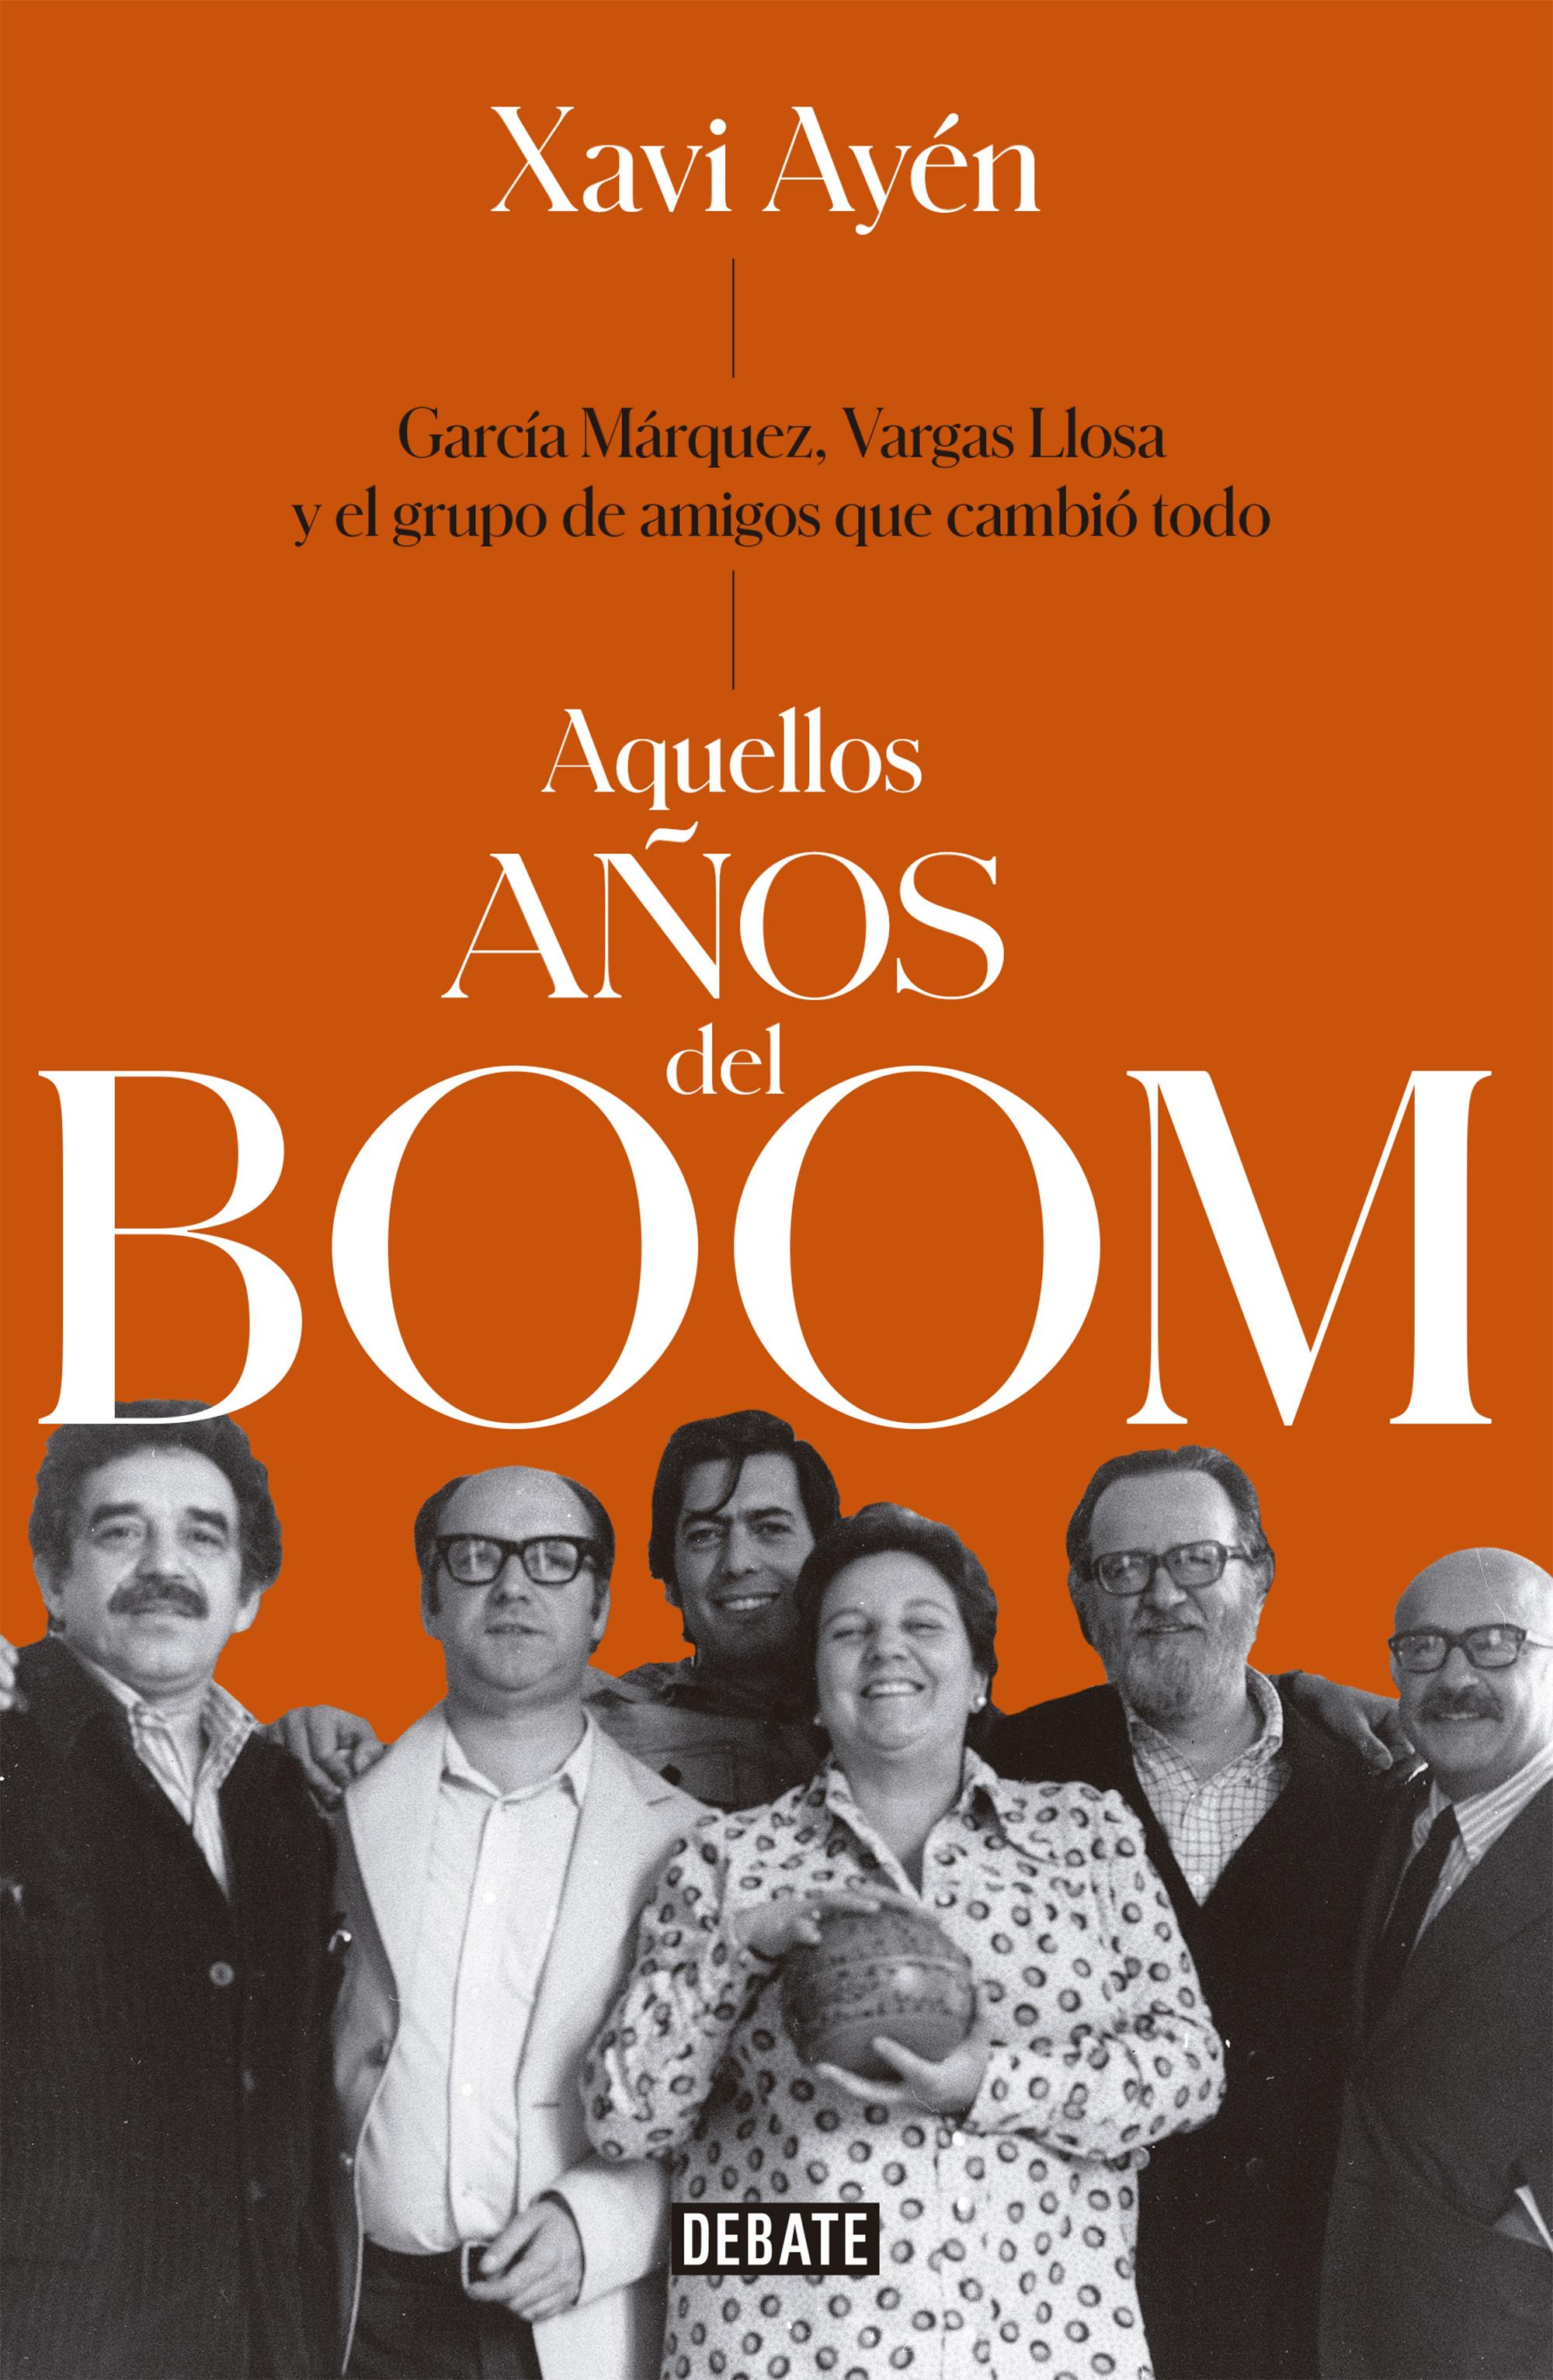 Aquellos años del boom García Márquez, Vargas Llosa y el grupo de amigos que lo cambiaron todo